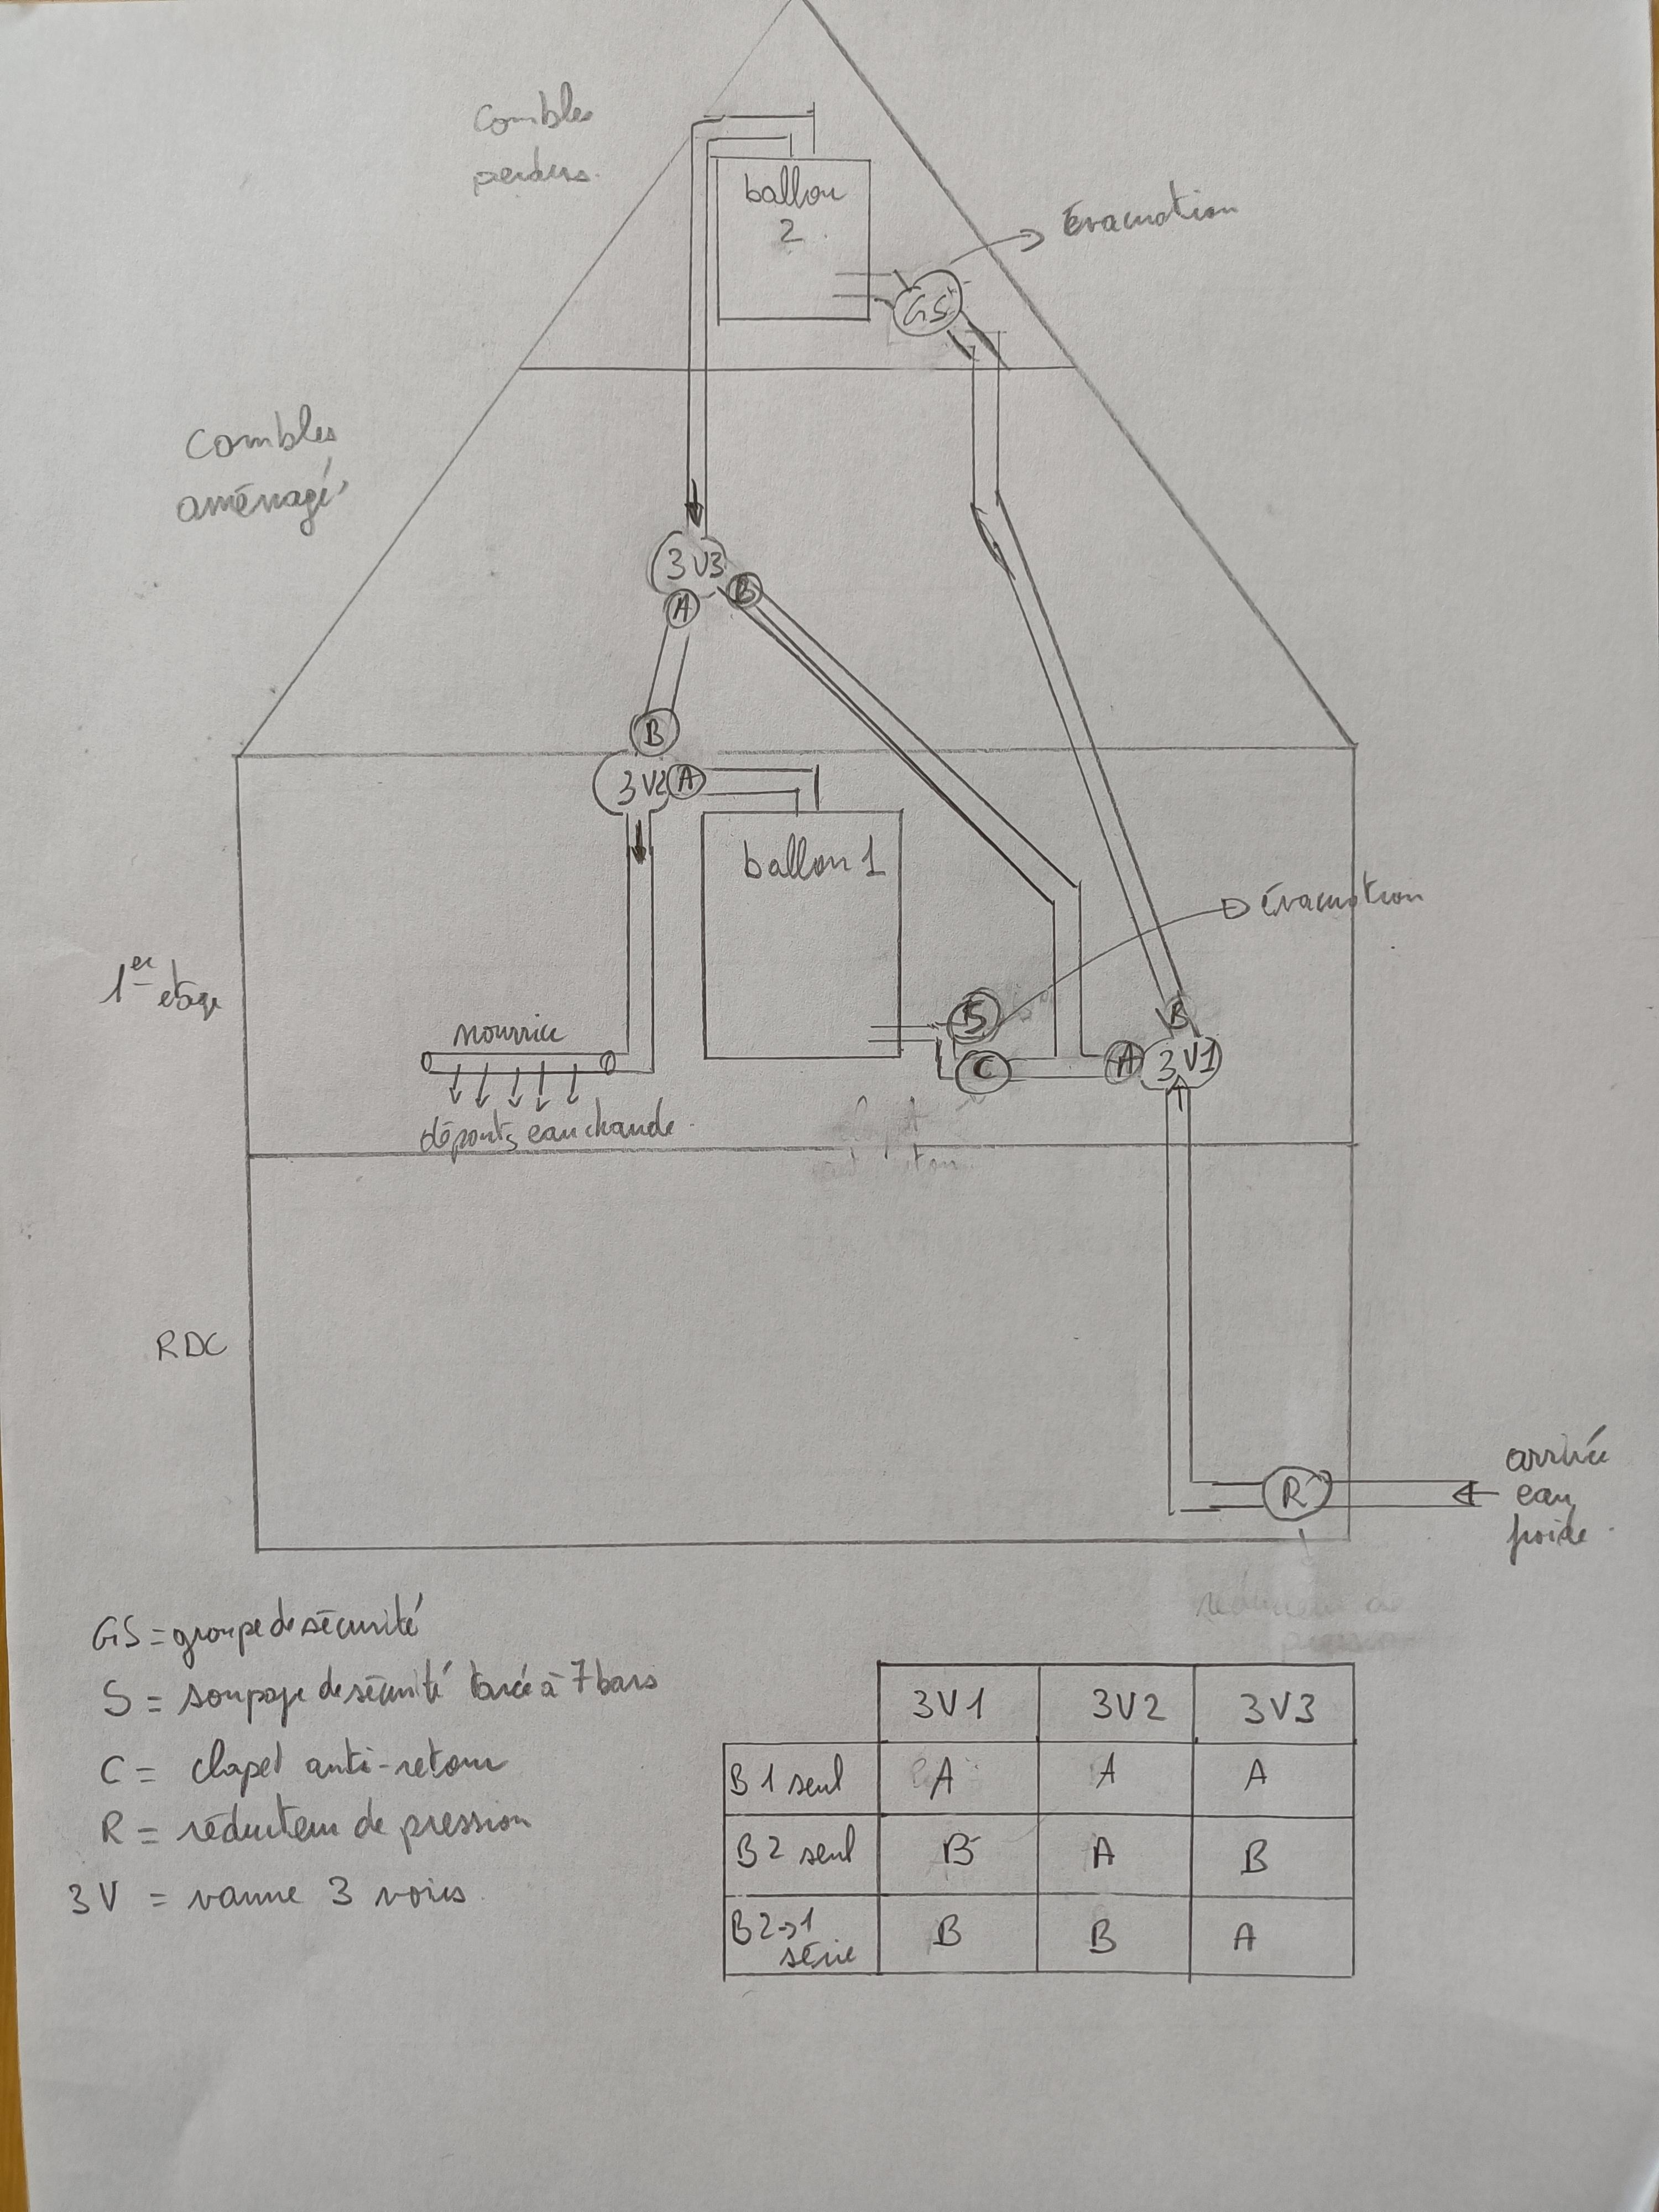 plan cablage BEC V2.jpg, 2.95 mb, 3000 x 4000